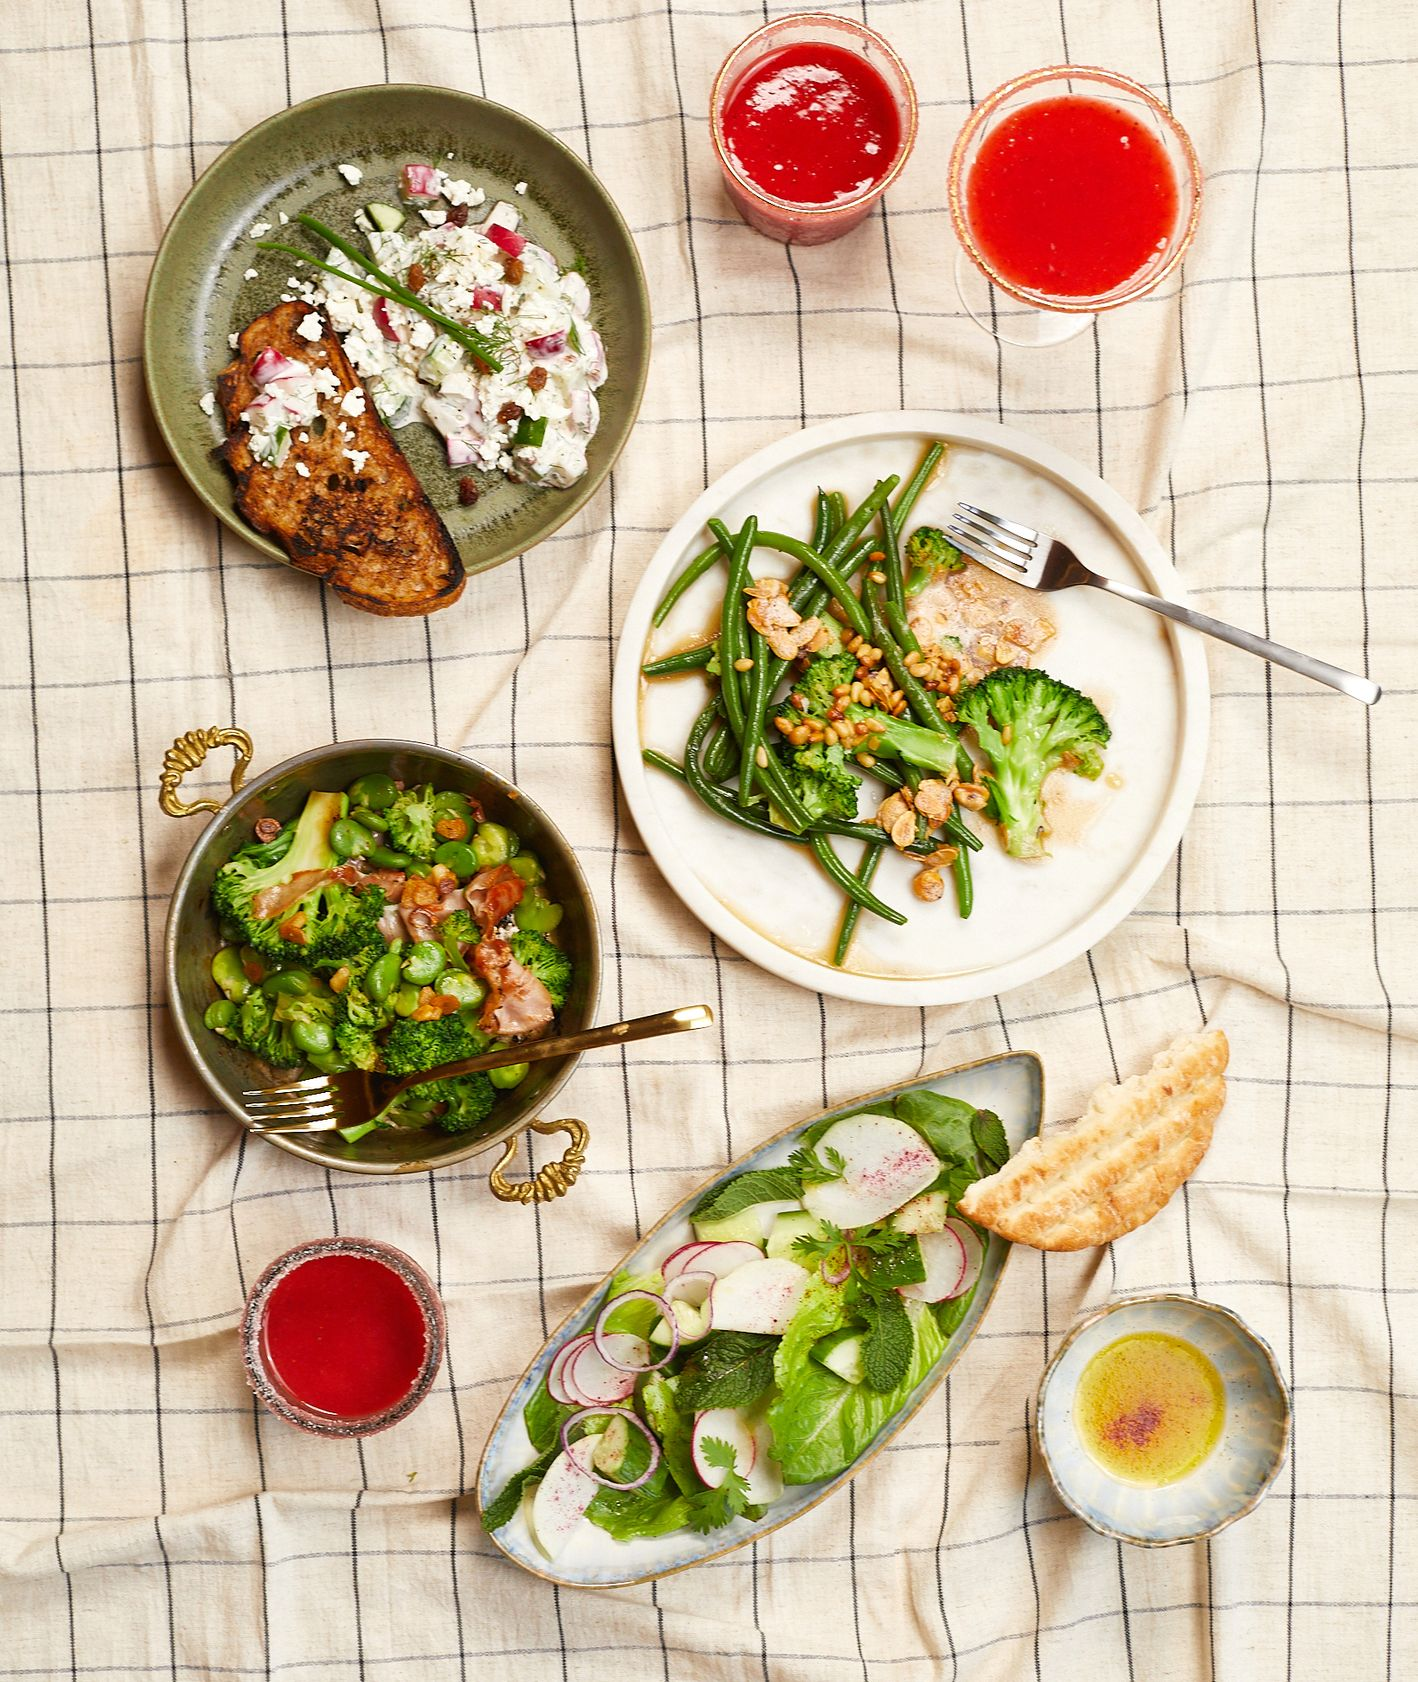 Przepisy na dania na upały. Sałatki, fasolka szparagowa, bób, brokuły (fot. Maciek Niemojewski)